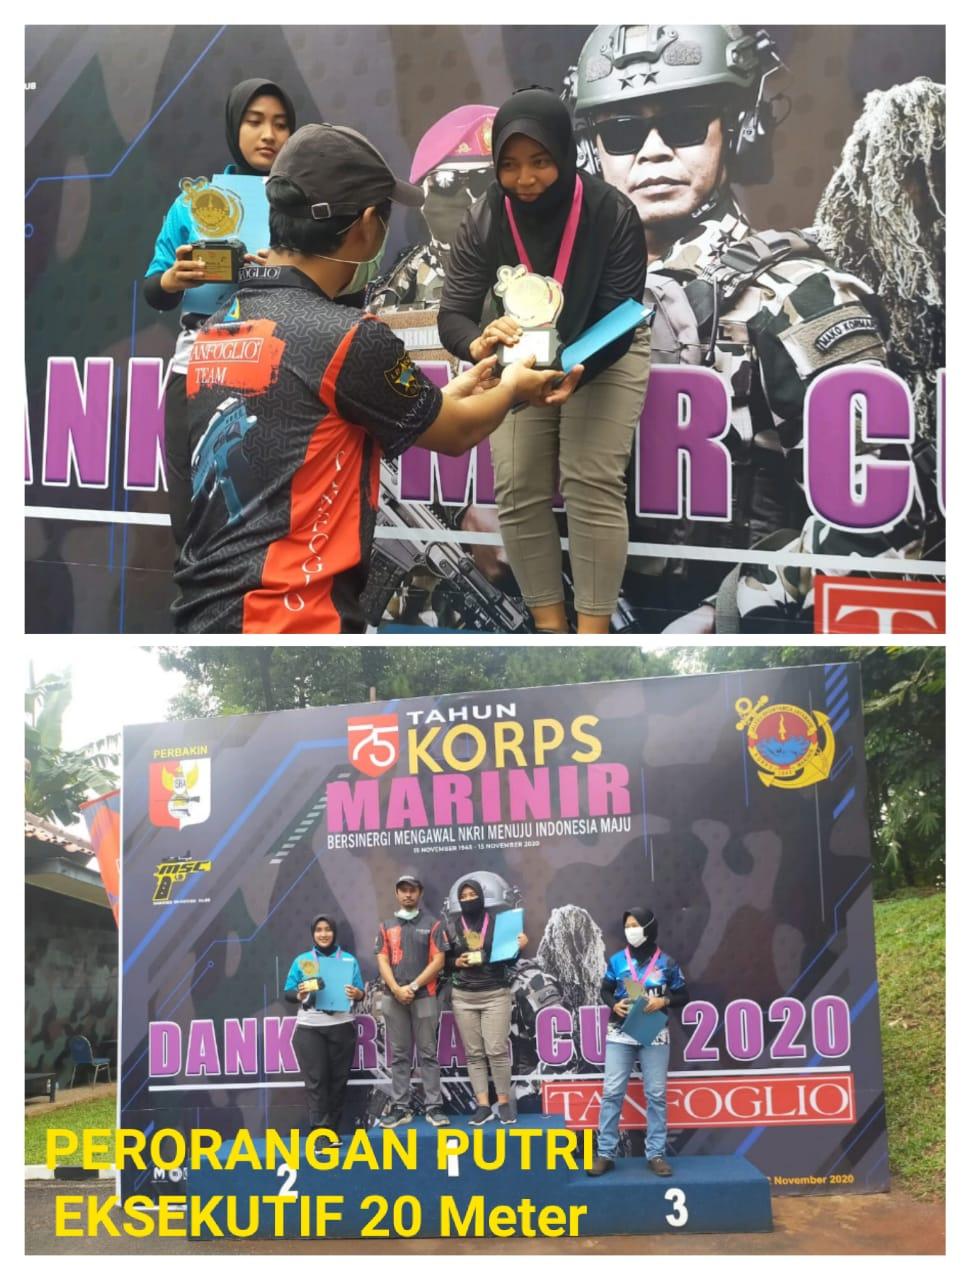 Serka (K) Anisya Harumkan Kodam III/Siliwangi Raih Juarai Lomba Tembak